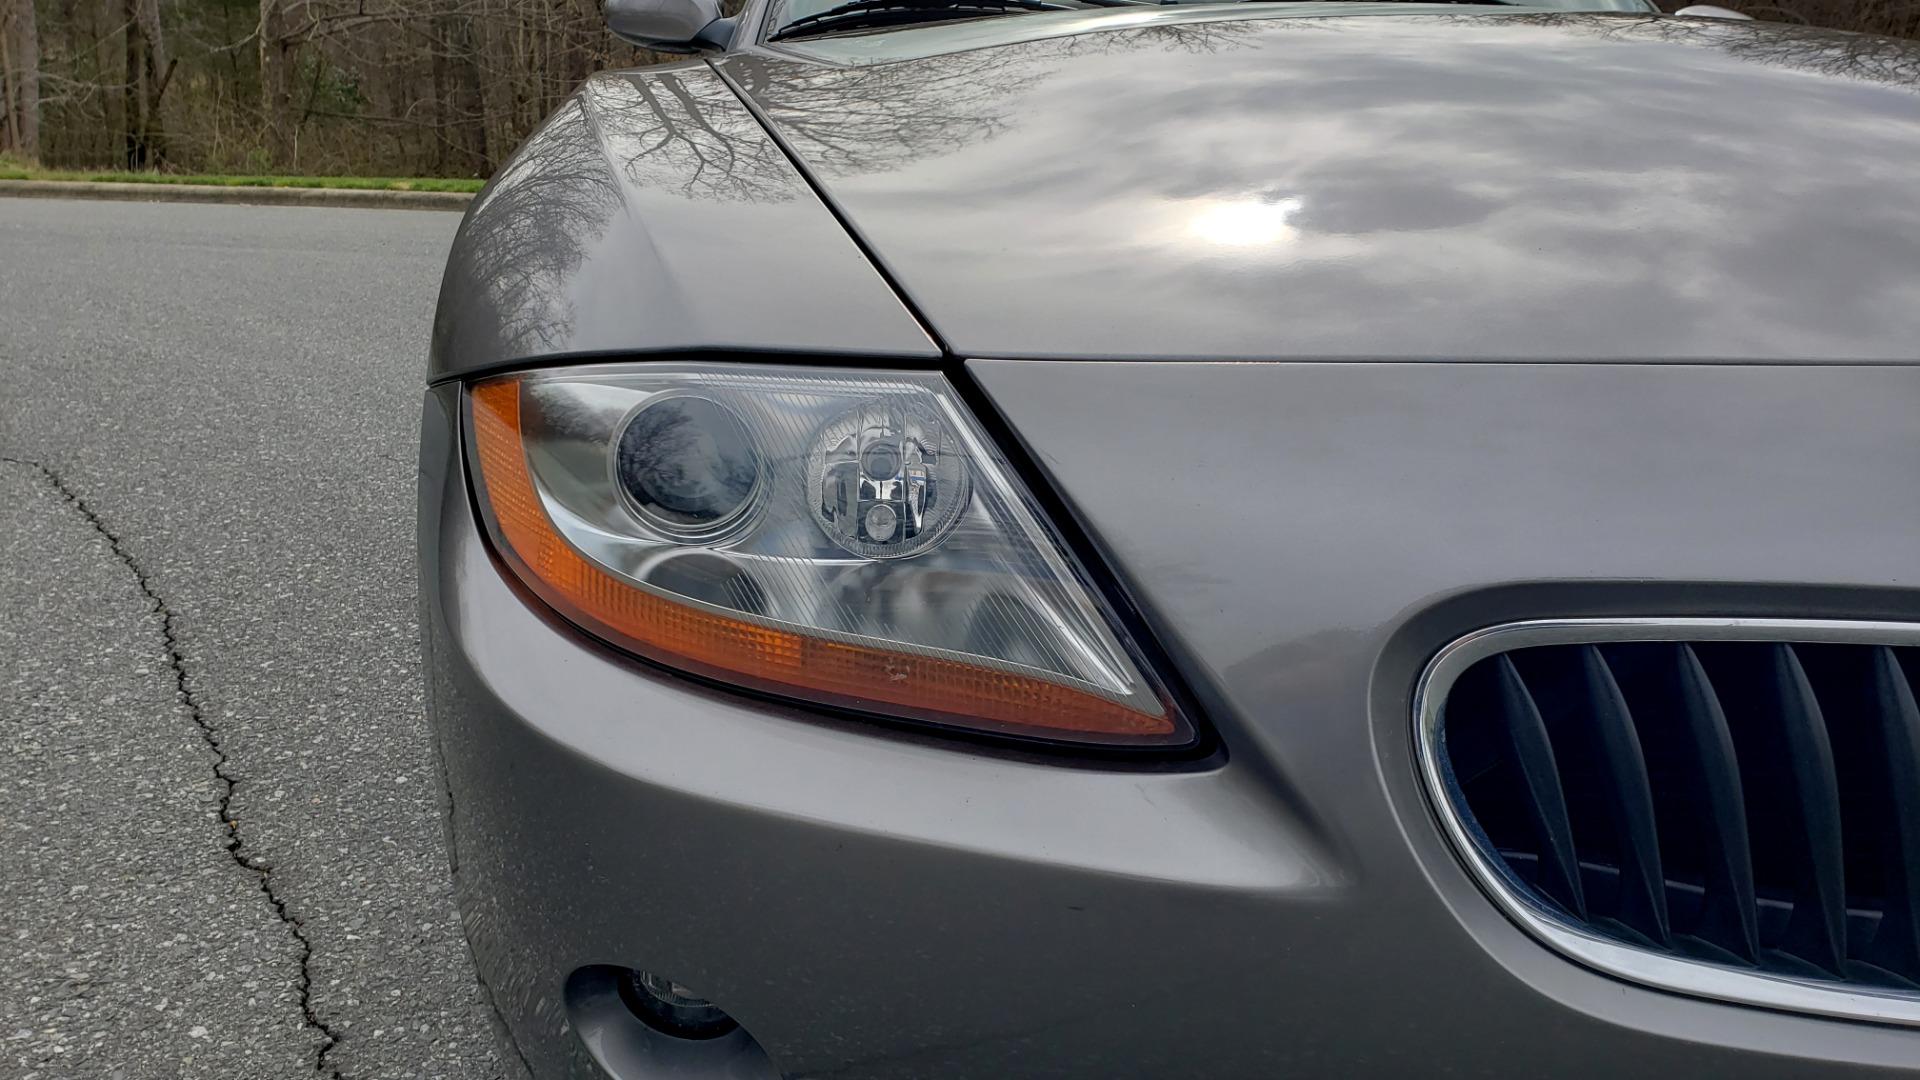 Used 2003 BMW Z4 3.0i ROADSTER / 6-SPD MAN / PREMIUM PKG / SPORT PKG / HTD STS for sale Sold at Formula Imports in Charlotte NC 28227 21